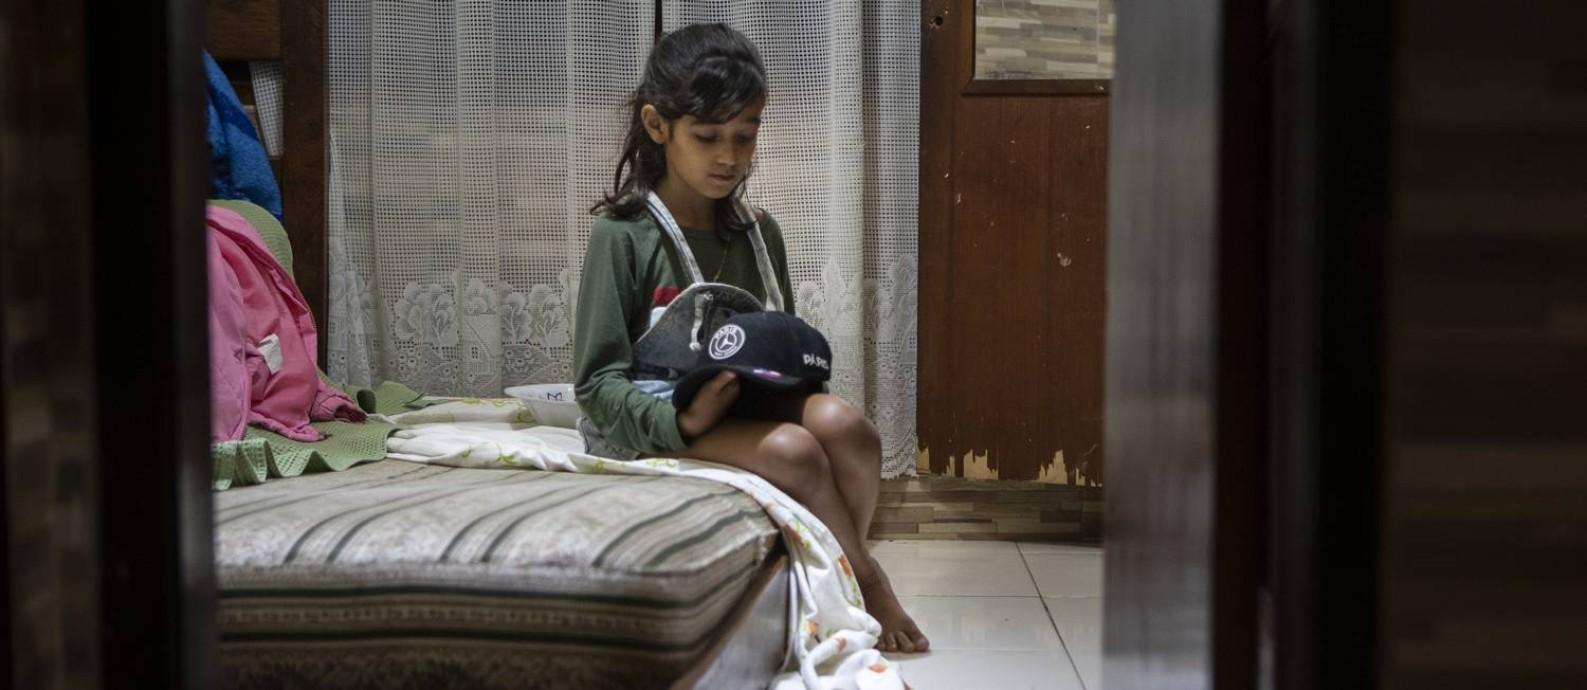 Sophia, irmã de Dyogo Costa Xavier de Brito, jogador da base do America morto por tiro na comunidade da Grota em Niterói Foto: Alexandre Cassiano / Agência O Globo